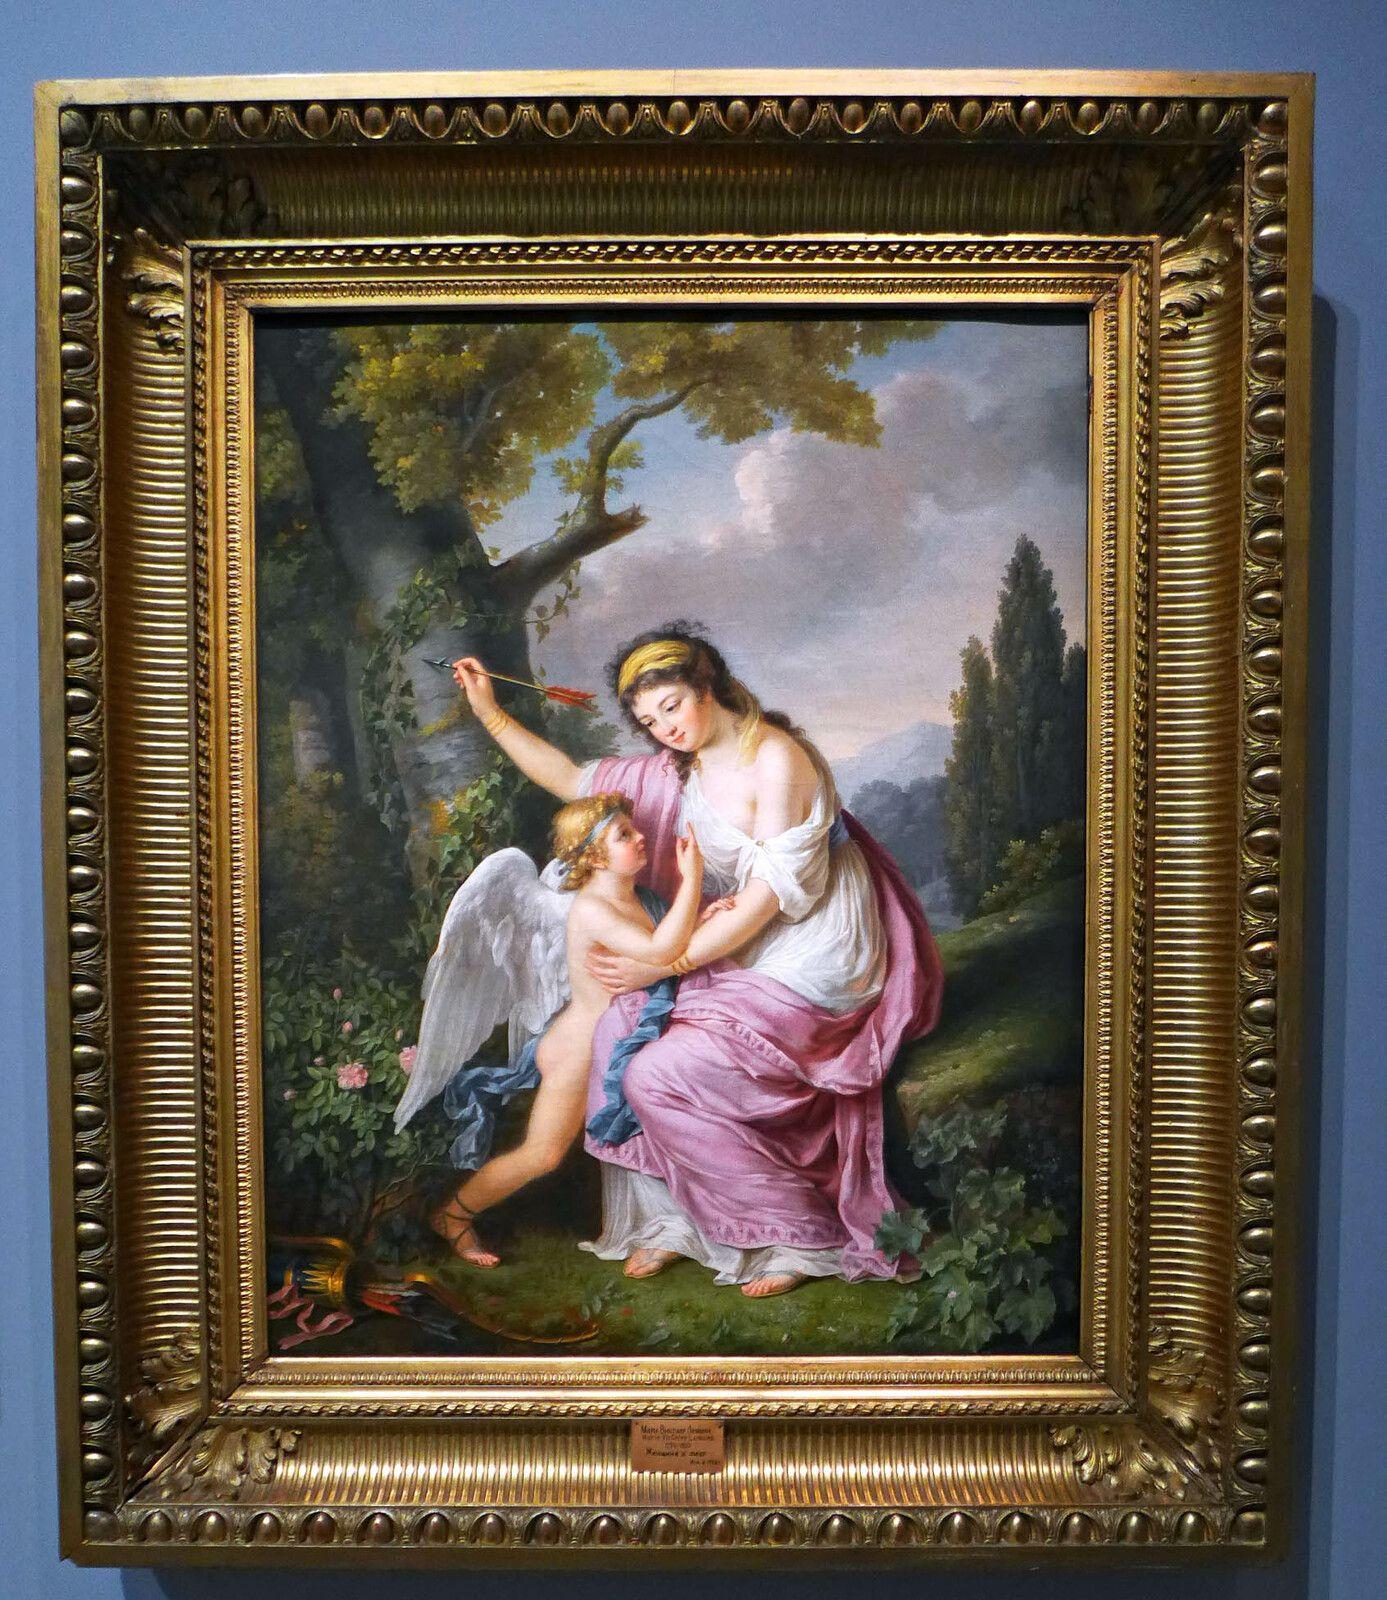 Marie-Victoire LEMOINE, Femme et Cupidon (1792), huile sur toile. Russie, Saint-Pétersbourg, musée d'Etat de l'Ermitage.